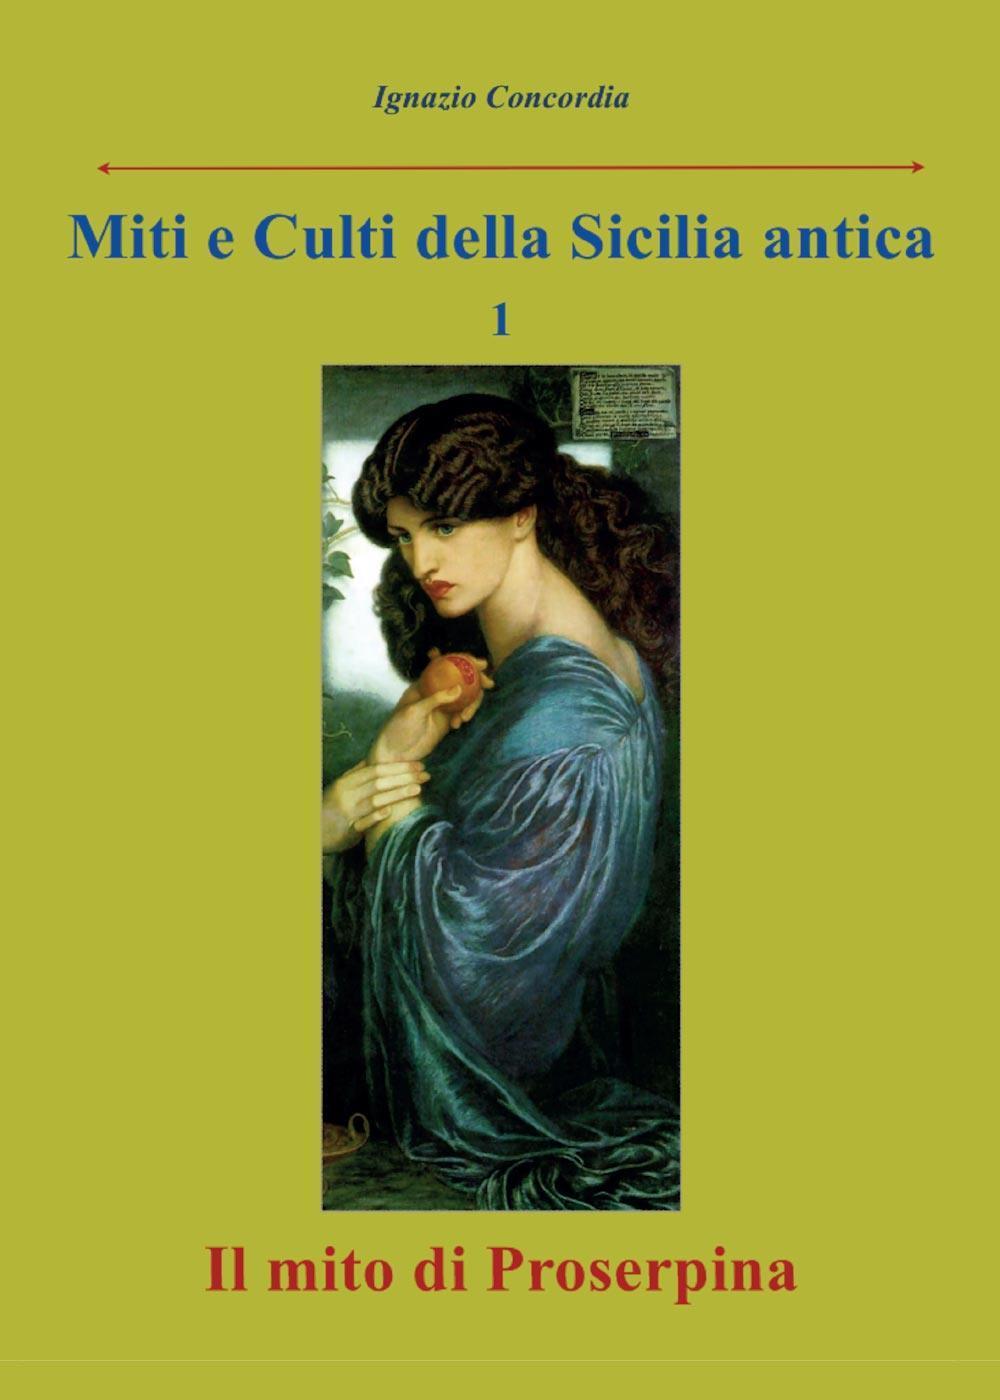 Il mito di Proserpina